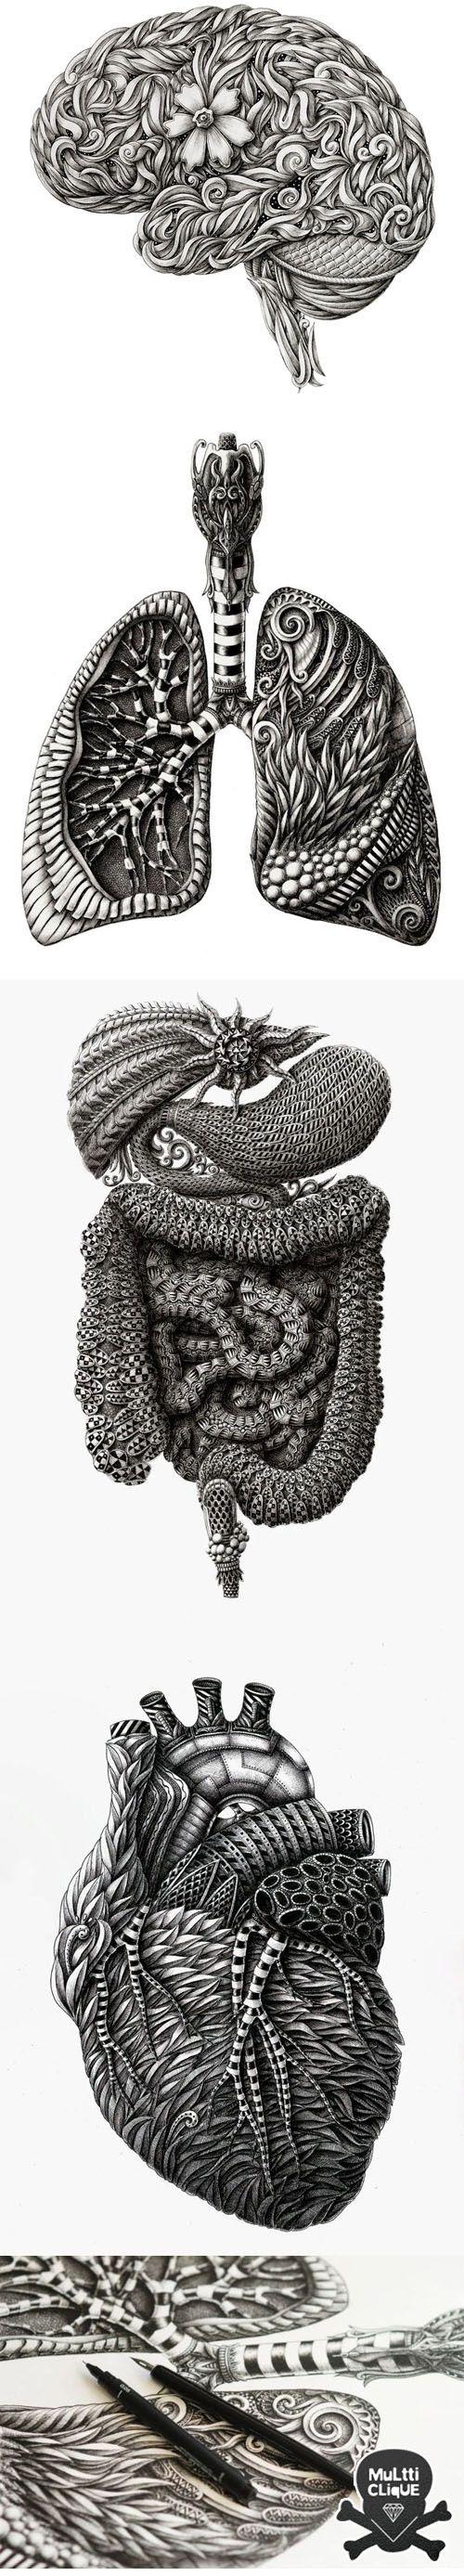 ANATOMIA TAMBÉM PODE SER ARTE | Inspiração | Pinterest | Anatomía ...